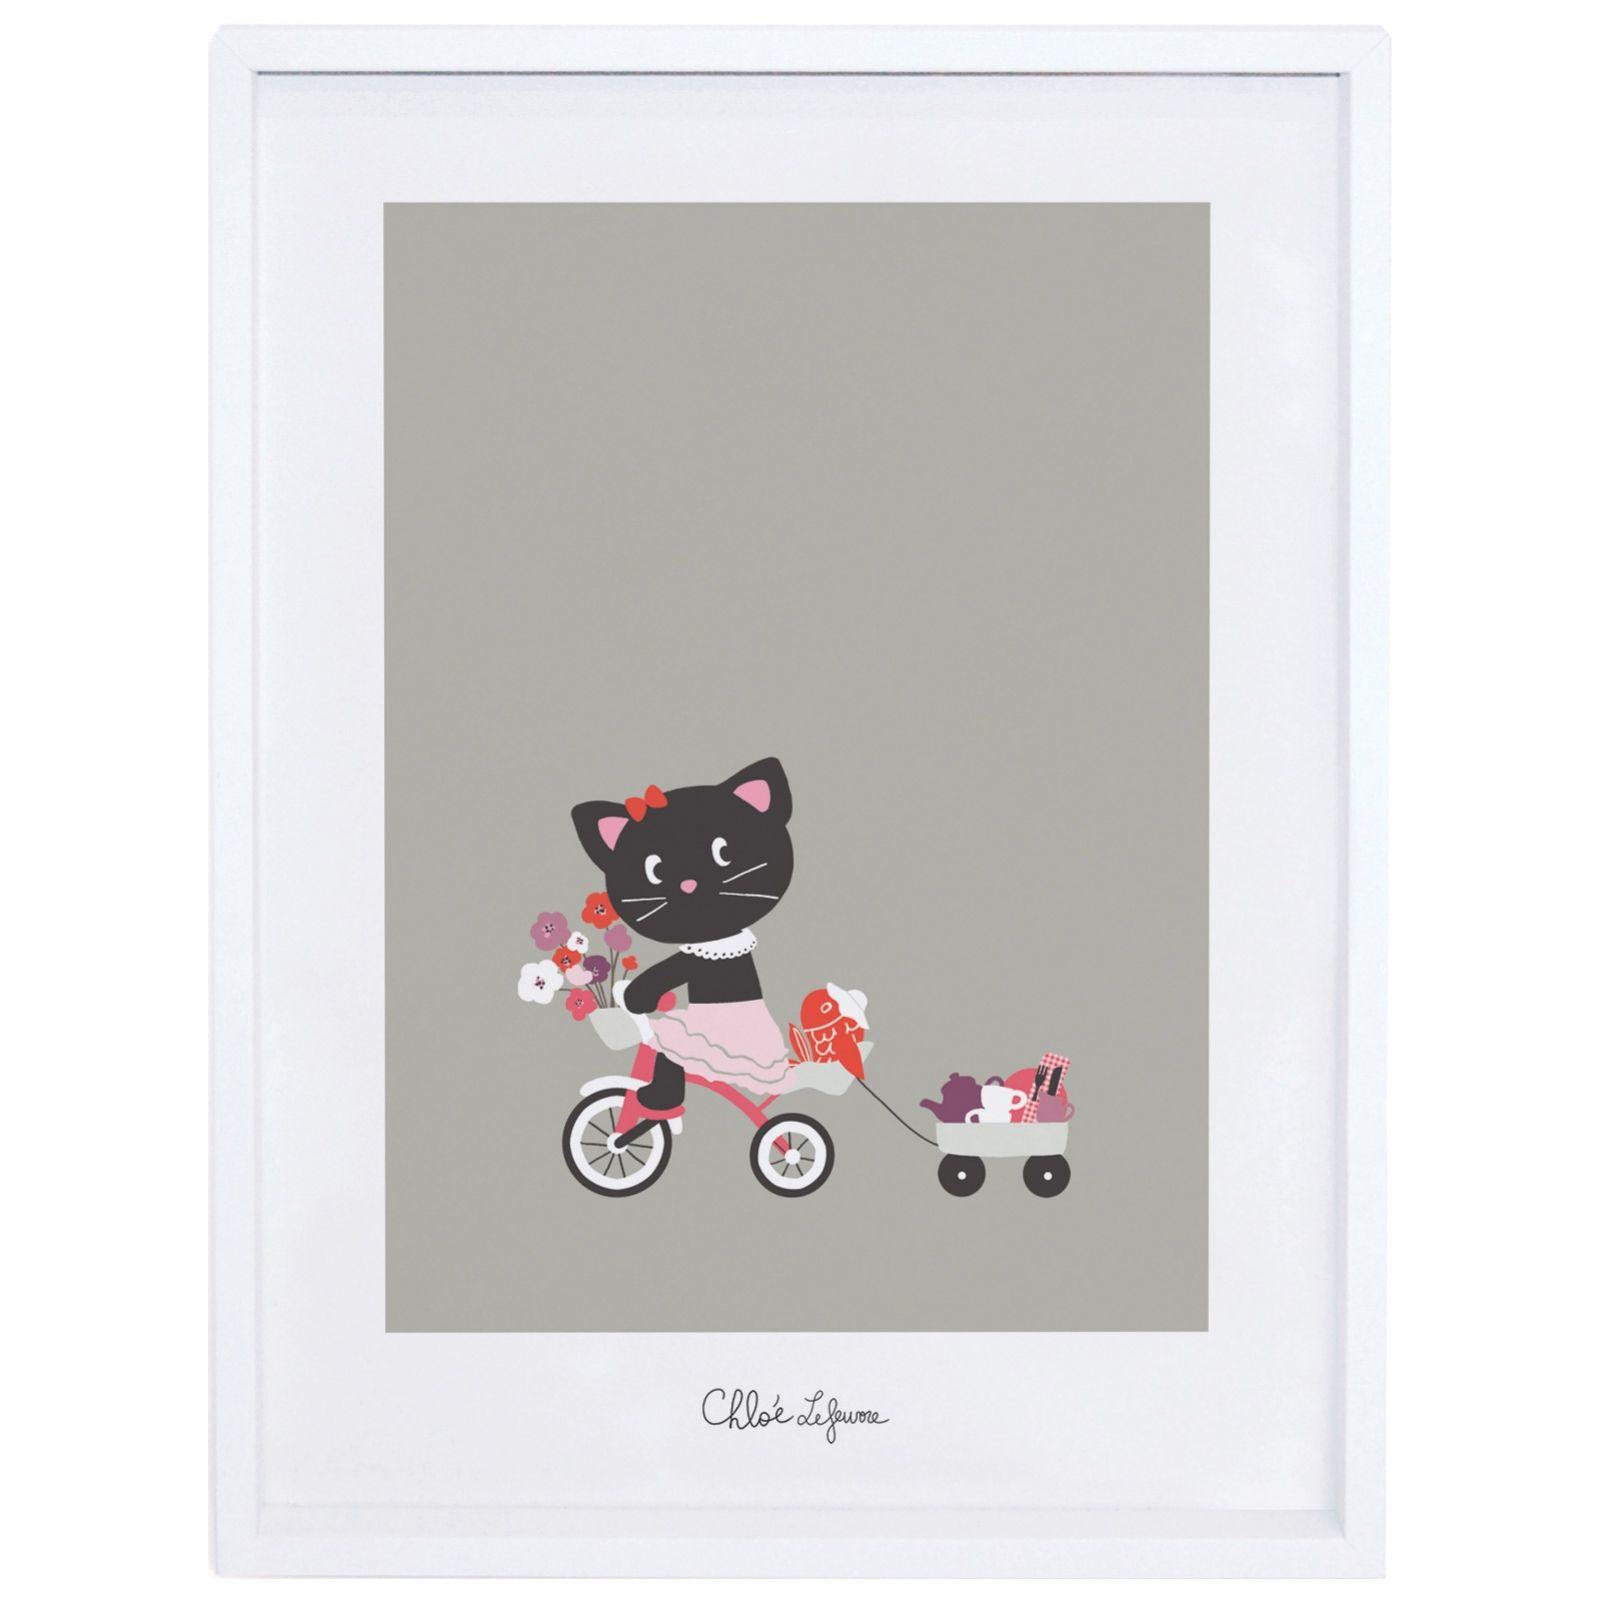 Poster Encadr Une Belle Journ E By Chloe Lefeuvre (30